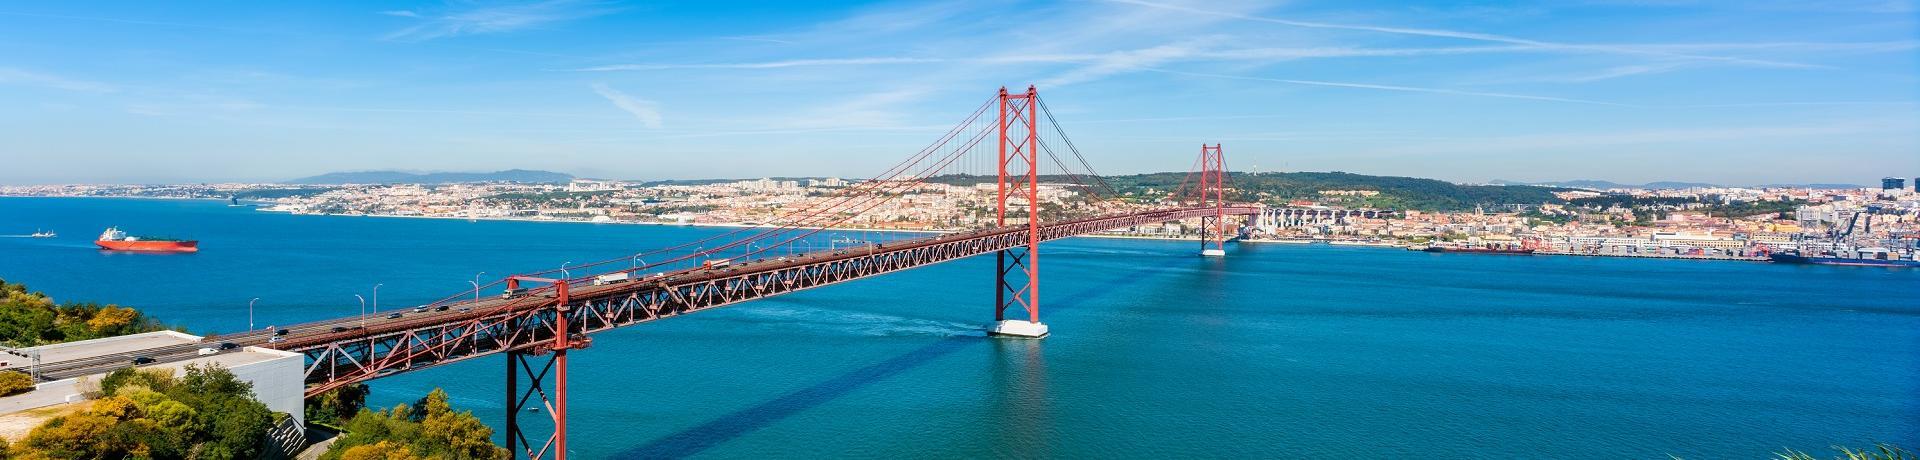 Portugal: Lissabon - Emotion I